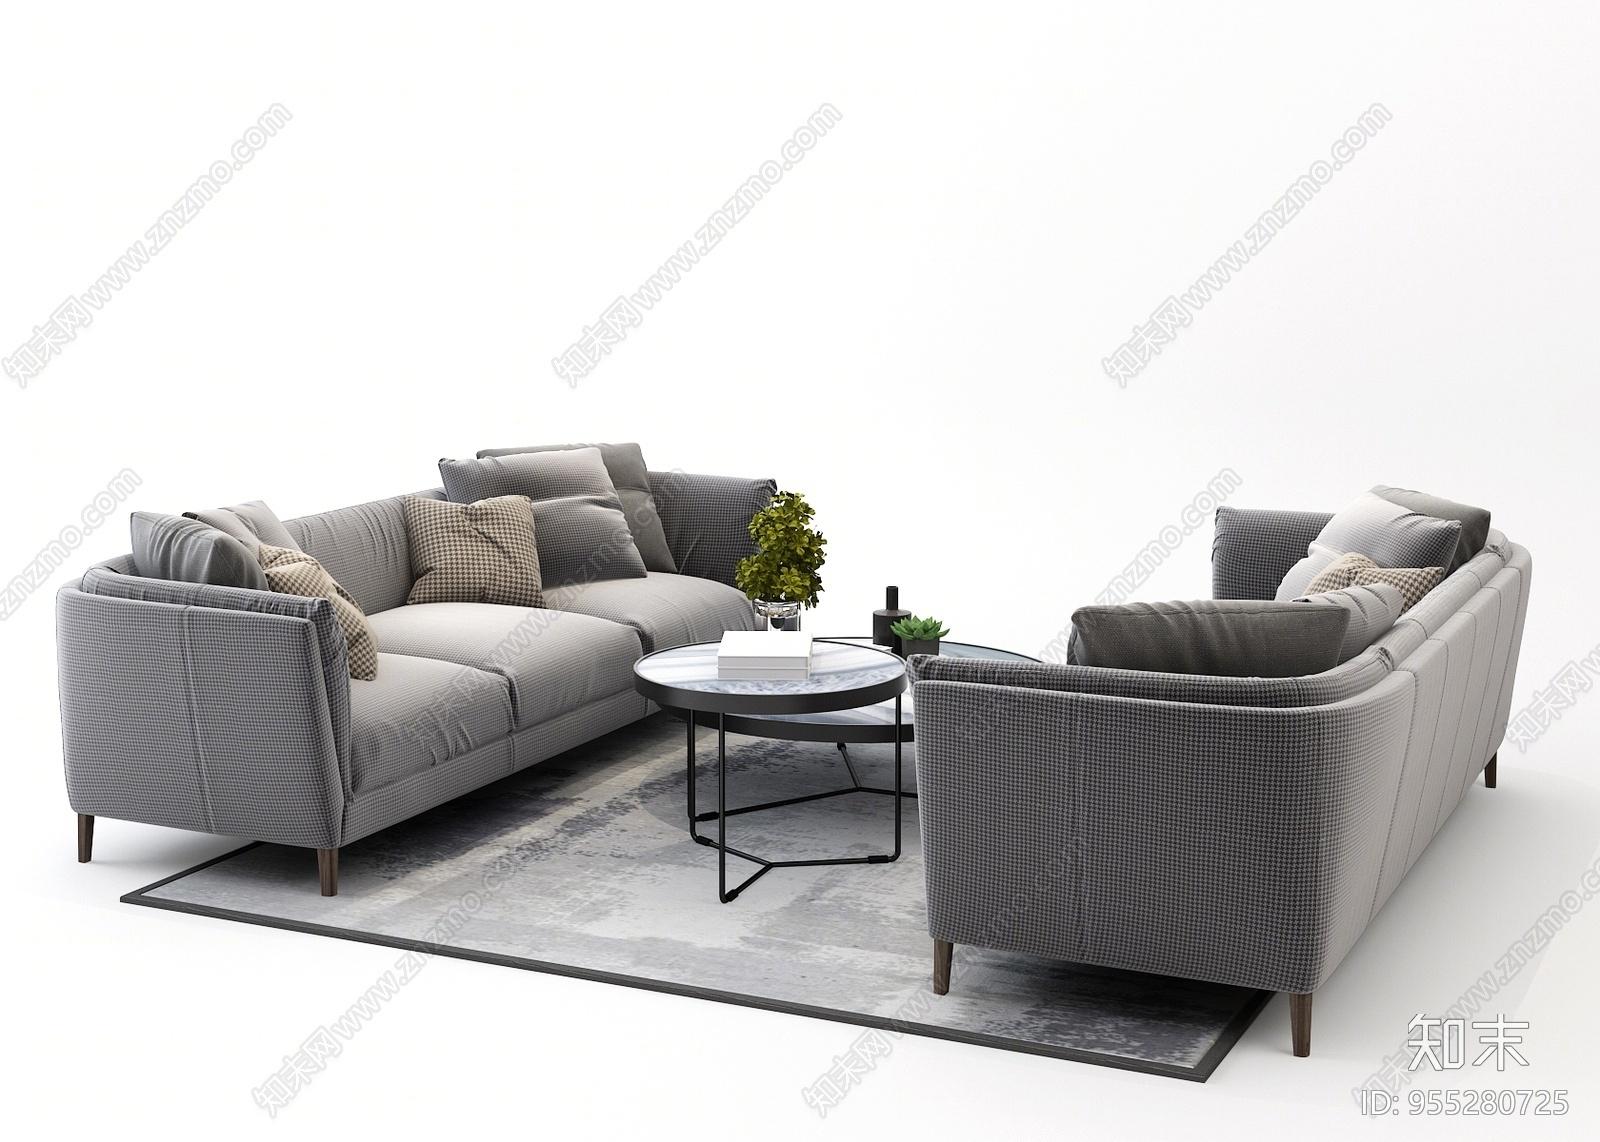 北欧休闲沙发茶几组合3D模型下载【ID:955280725】